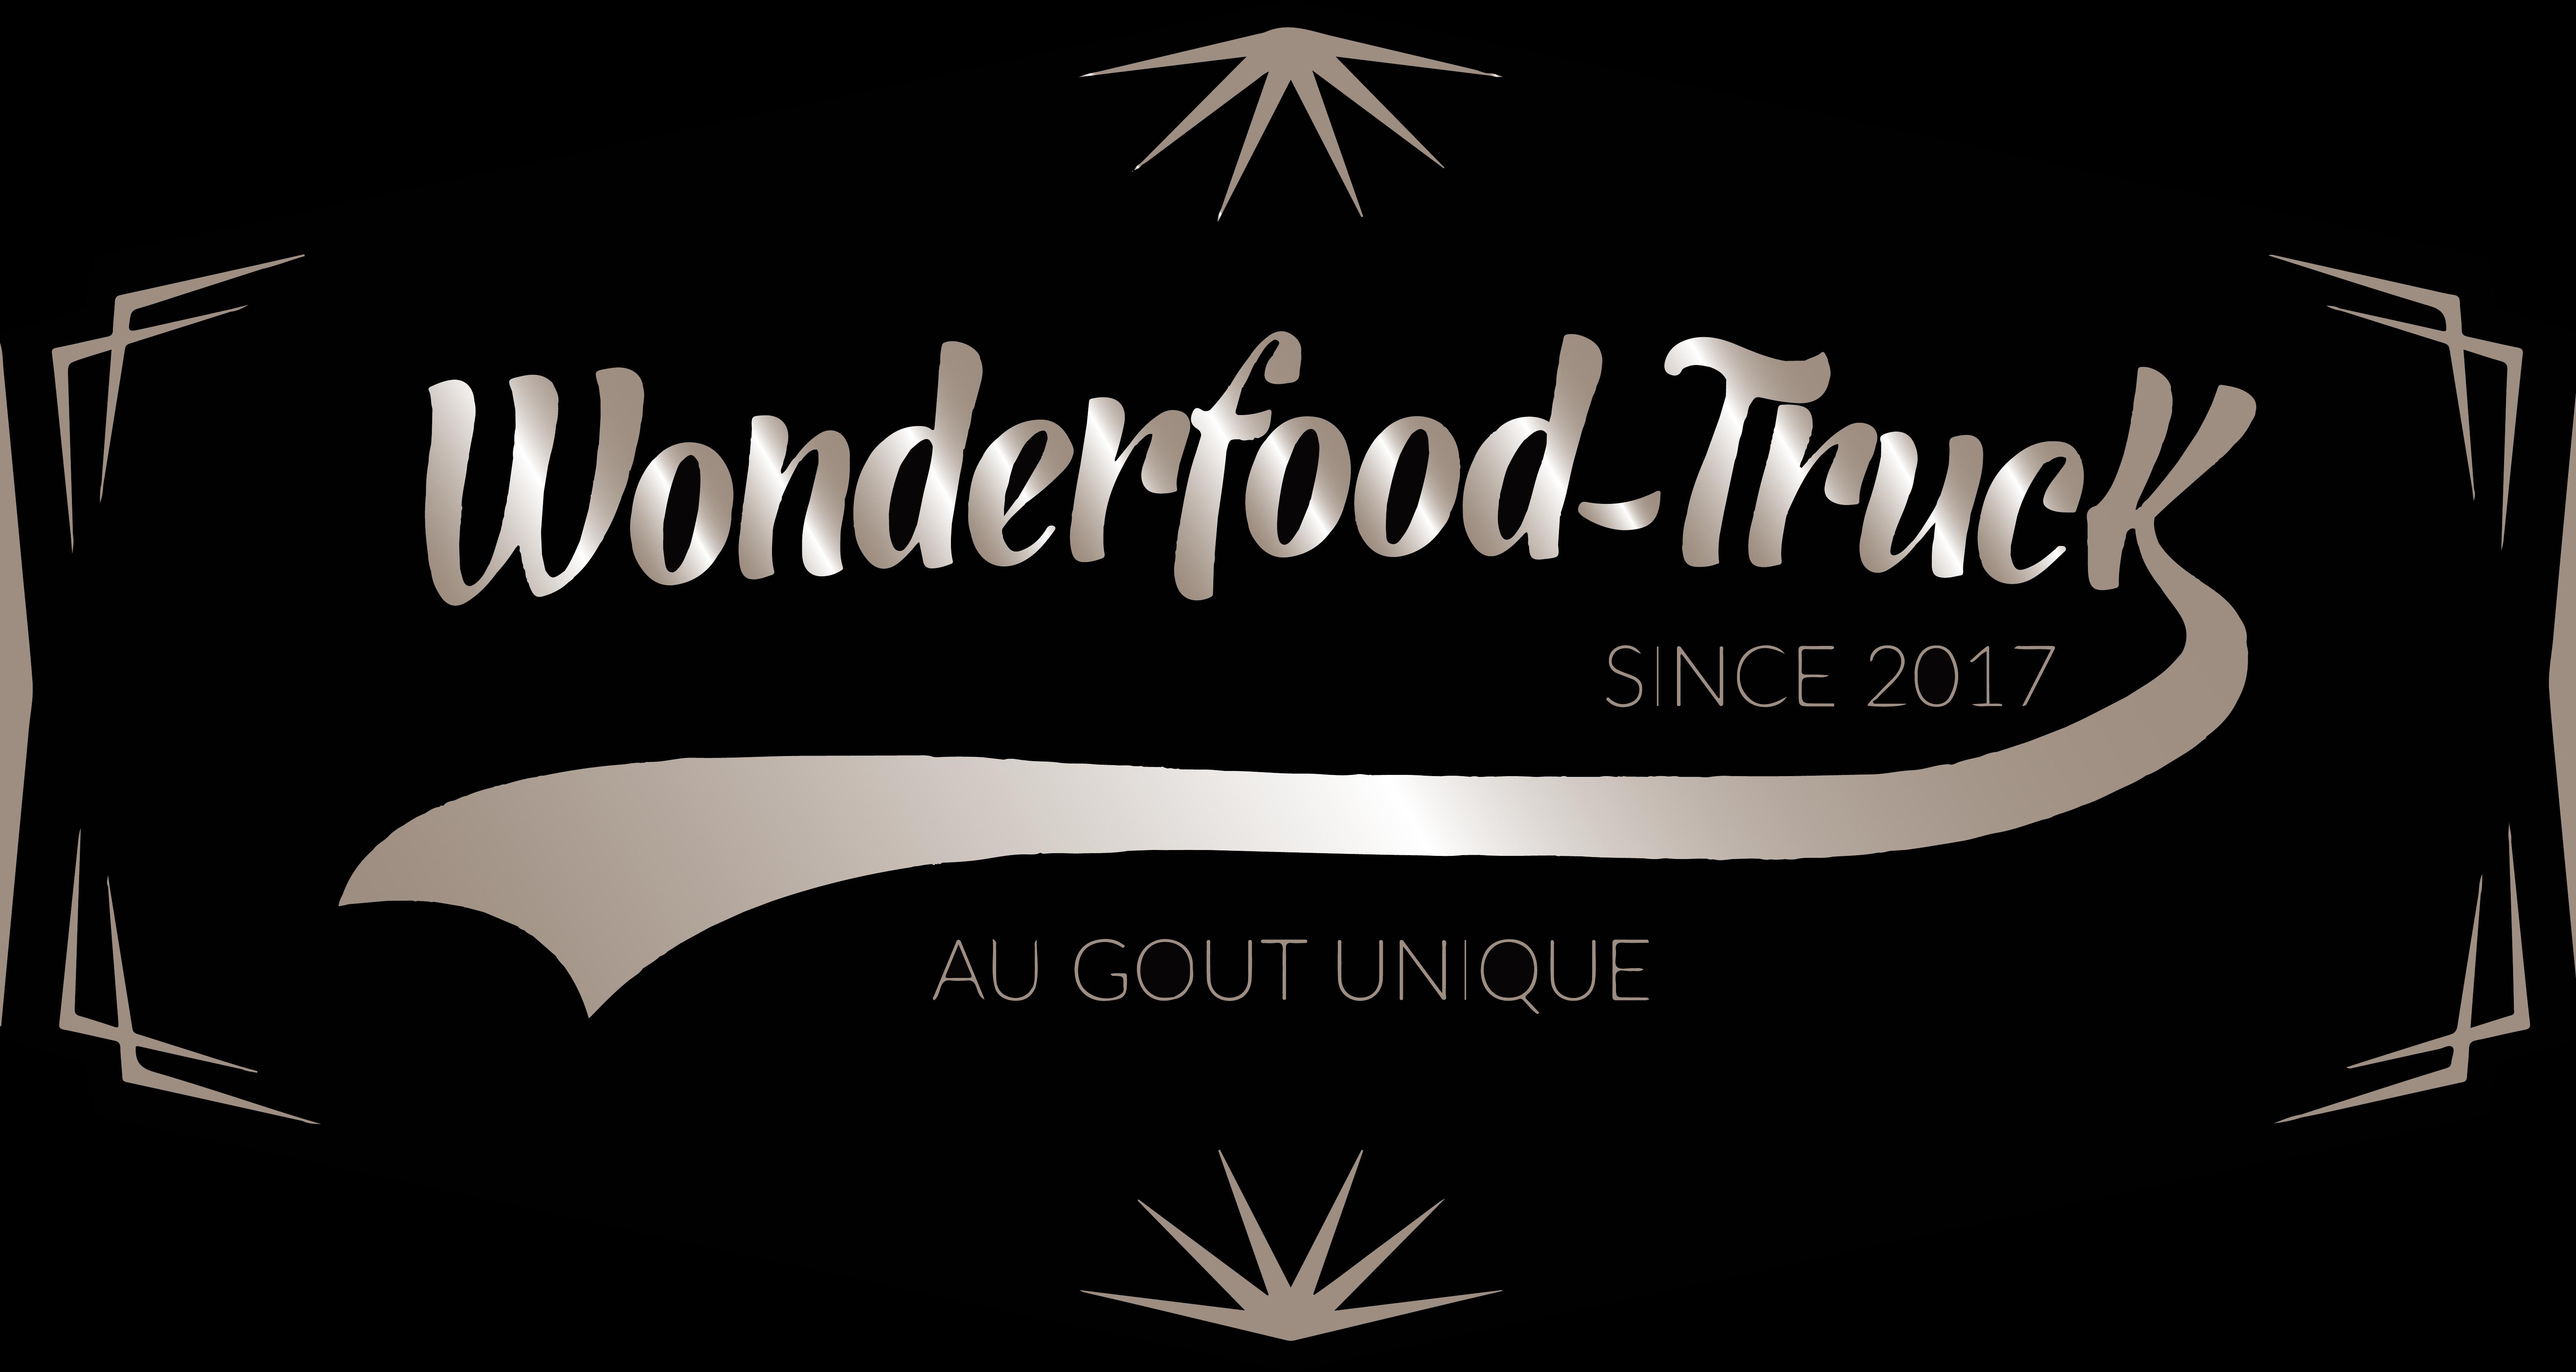 Wonderfoodtruck